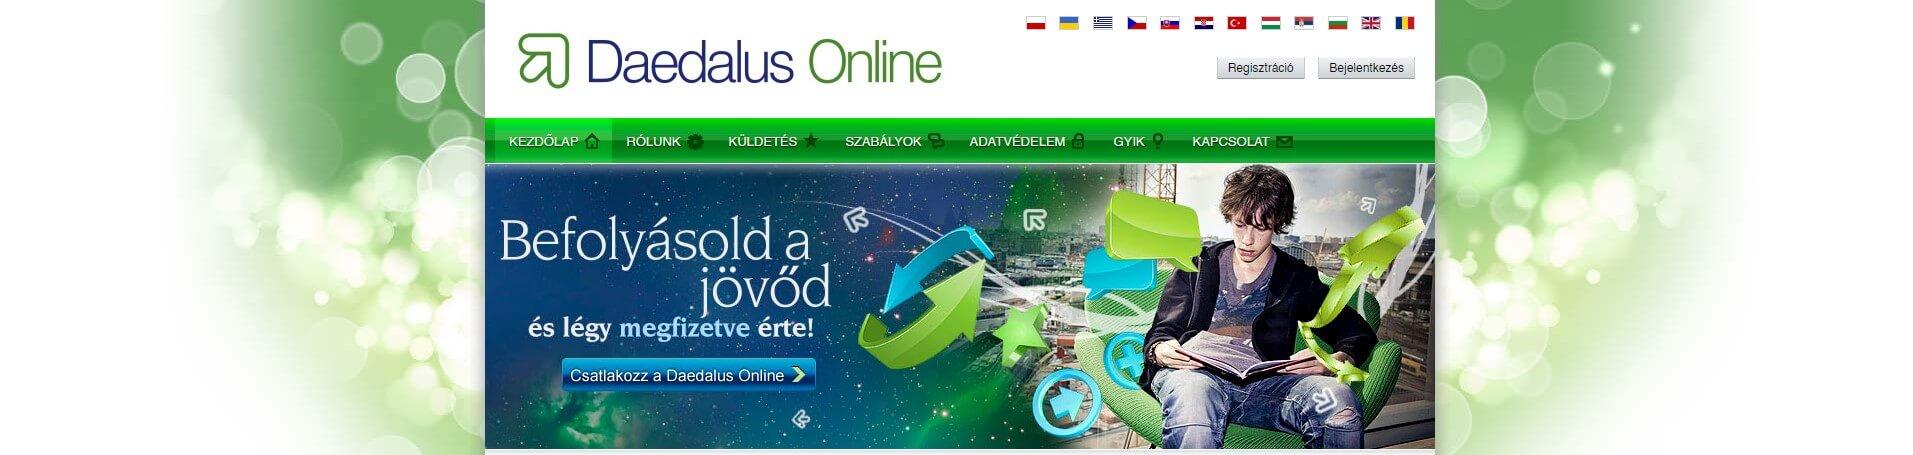 pénzt keresni az interneten meghívók alapján)